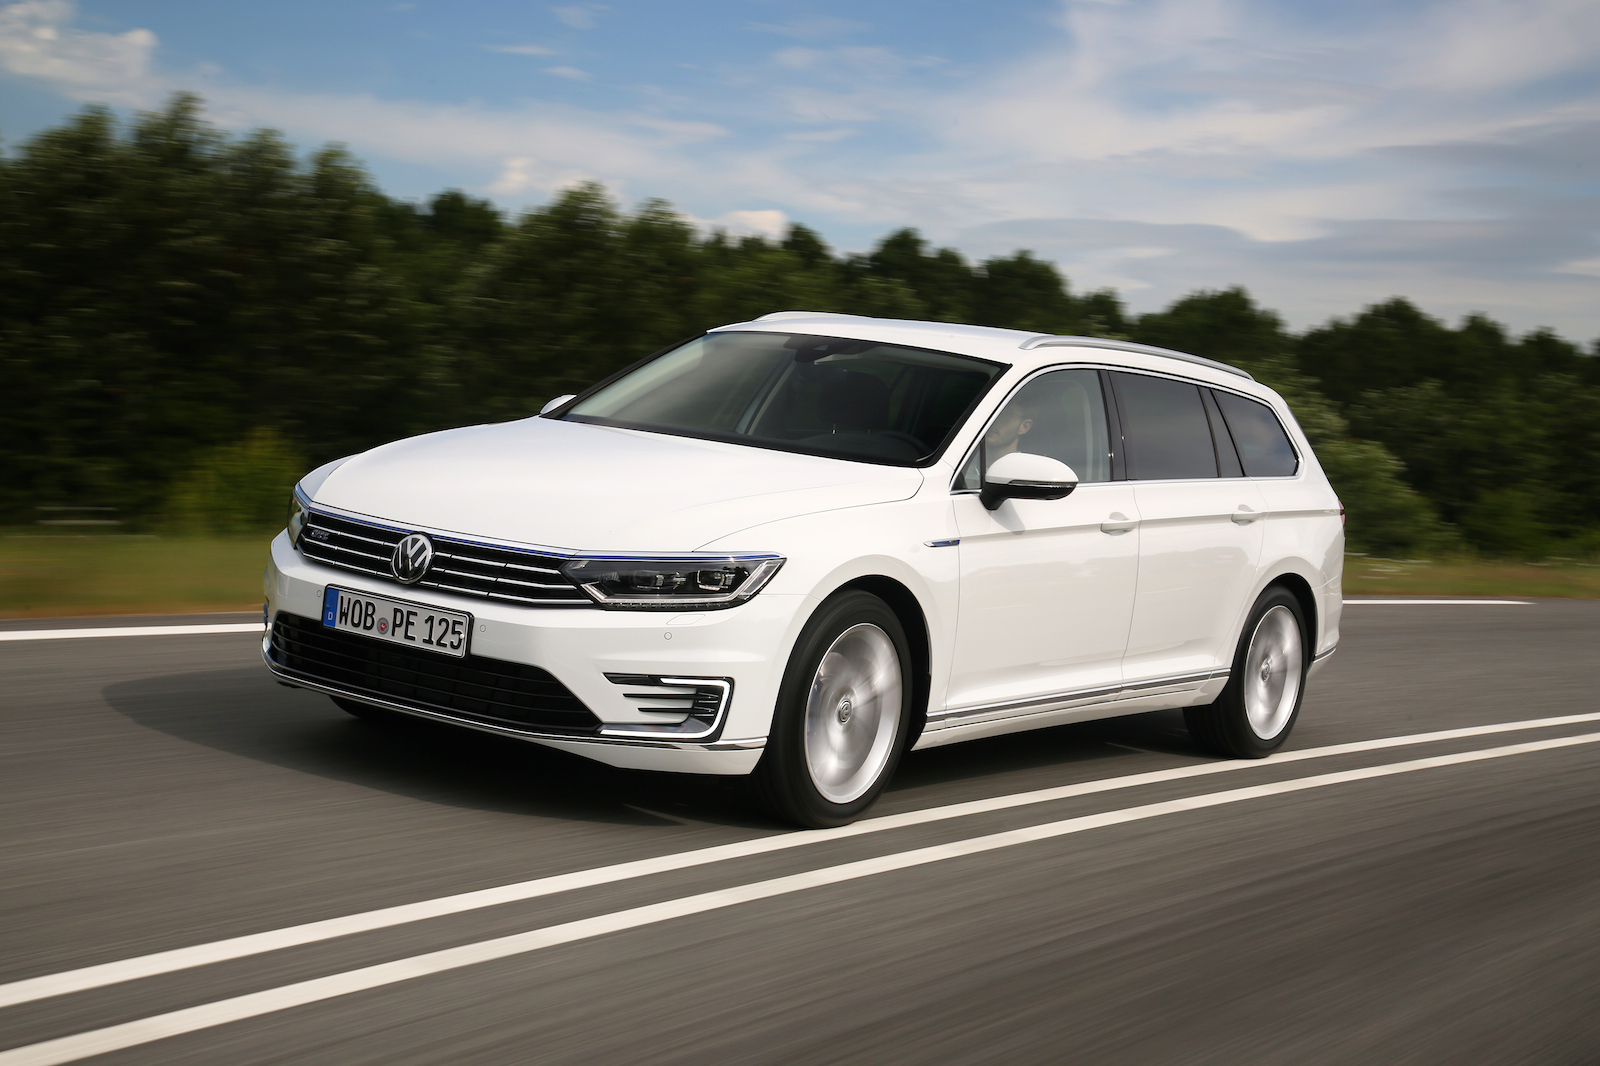 Volkswagen passat review 2017 autocar - Volkswagen Passat Review 2017 Autocar 11